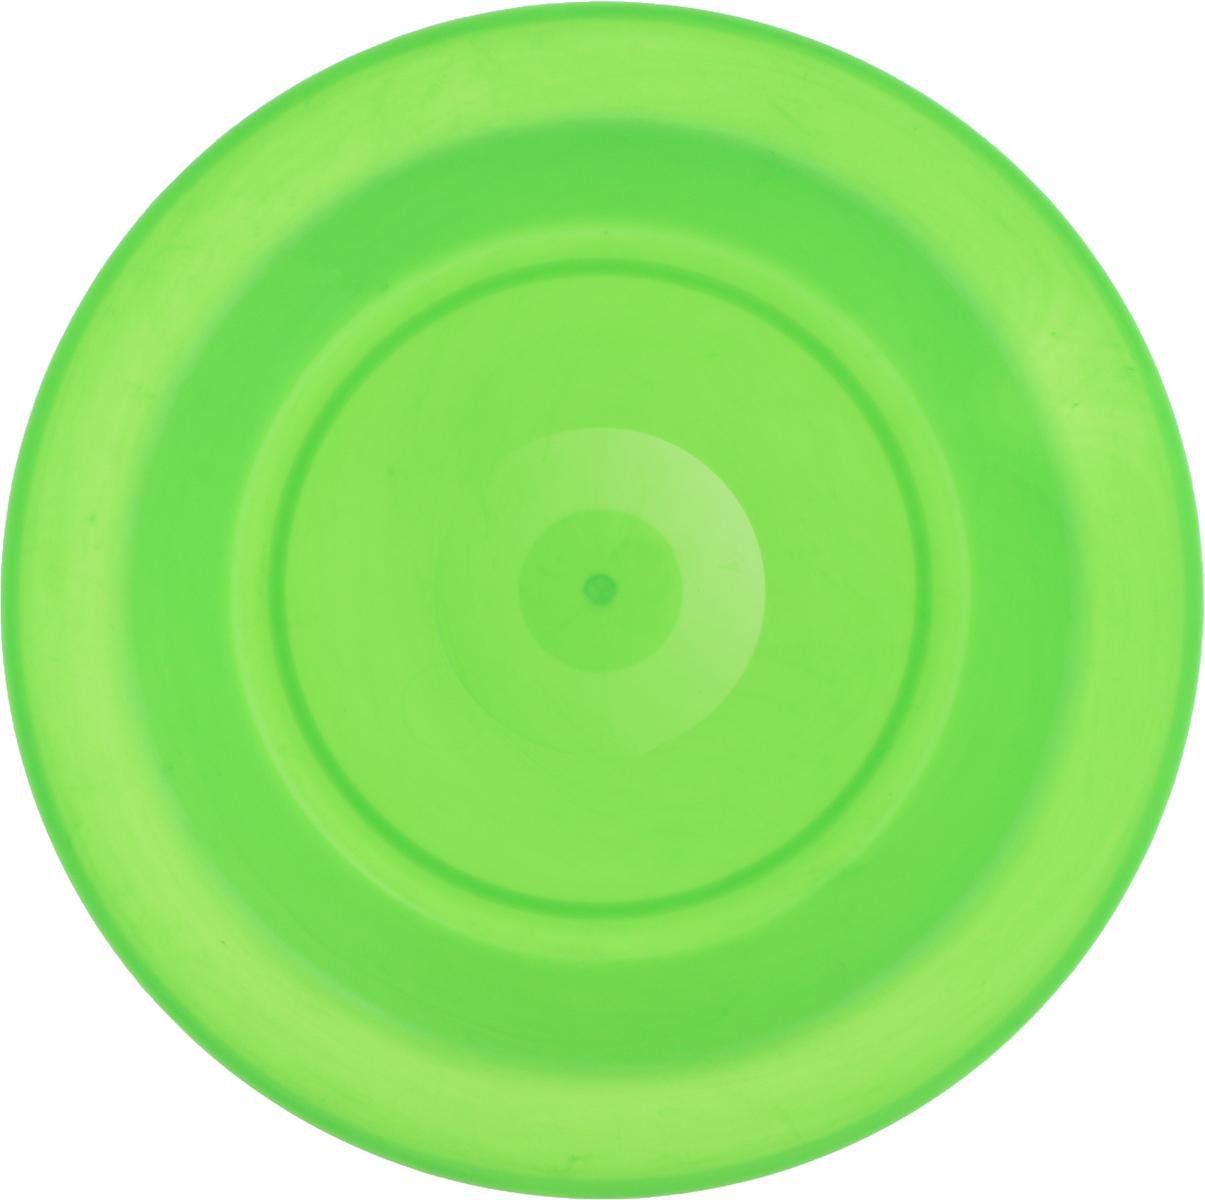 Тарелка Gotoff, цвет: зеленый, диаметр 21 смWTC-803Тарелка Gotoff изготовлена из цветного пищевогопластика и предназначена для холодной и горячей пищи.Выдерживает температурный режим в пределах от -25°Сдо +110°C.Посуду из пластика можно использовать вмикроволновой печи, но необходимо, чтобы нагрев непревышал максимально допустимую температуру.Удобная, легкая и практичная посуда для пикника и дачипоможет сервировать стол без хлопот! Диаметр тарелки (по верхнему краю): 21 см.Высота тарелки: 3 см.